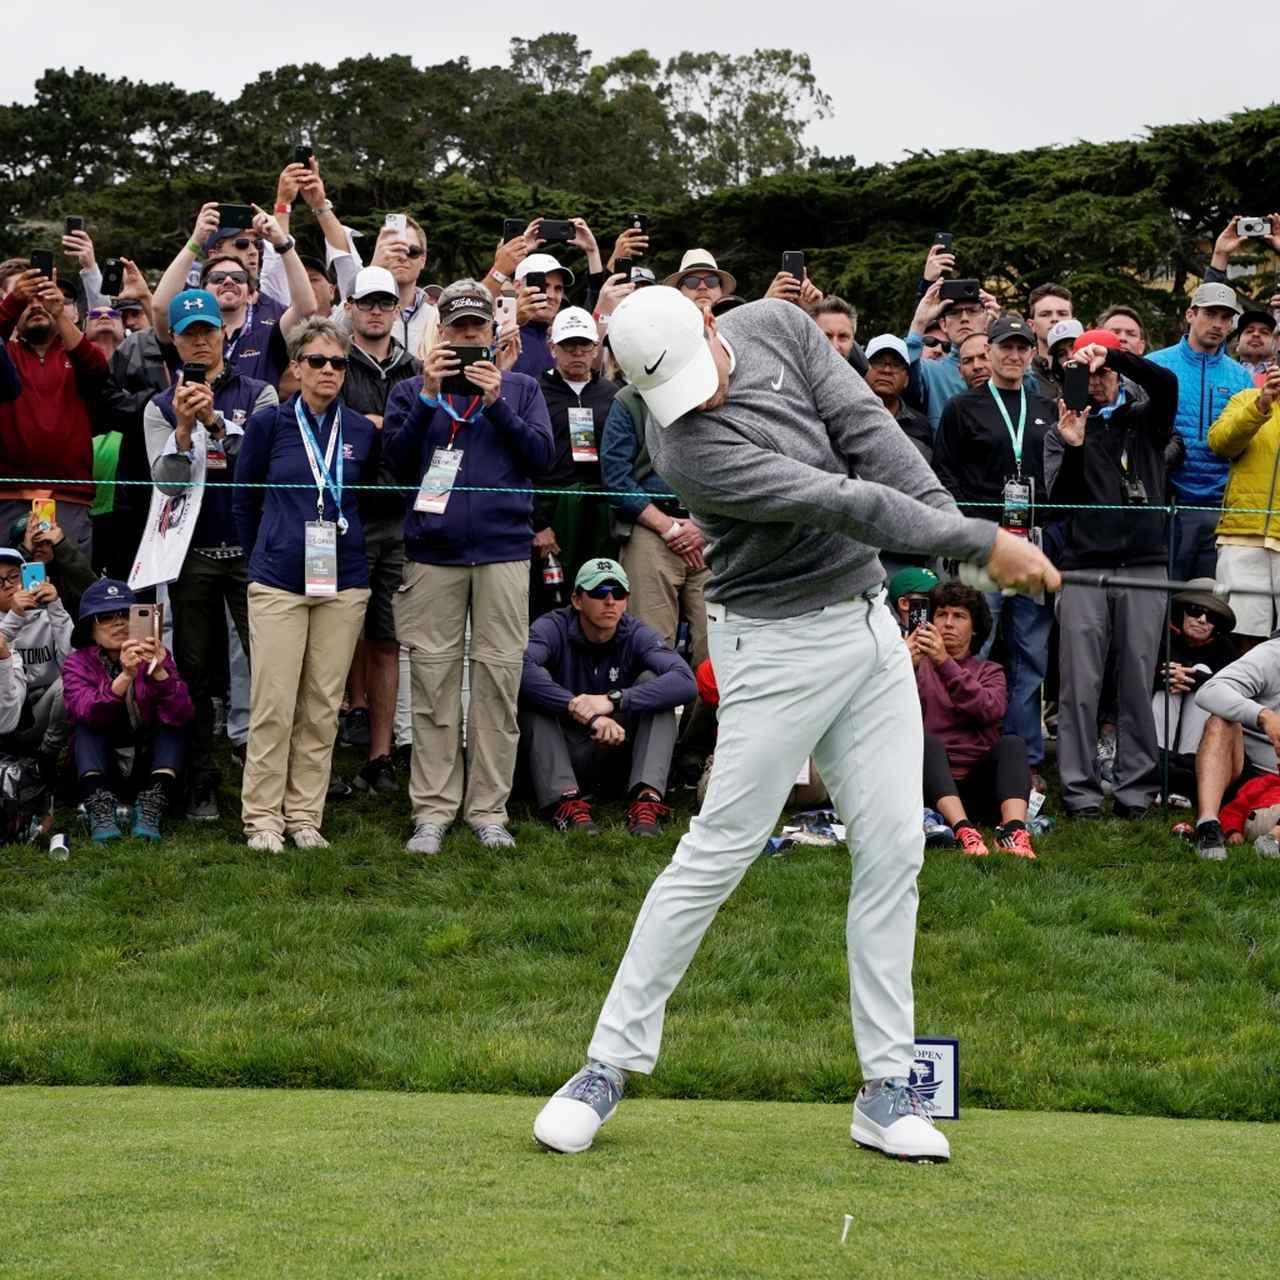 画像17: 【ZOZO選手権】本場PGAツアーがやってくる。解説陣が語る「世界のトップのココを見よ!」タイガー、マキロイ、デイ、バッバ……